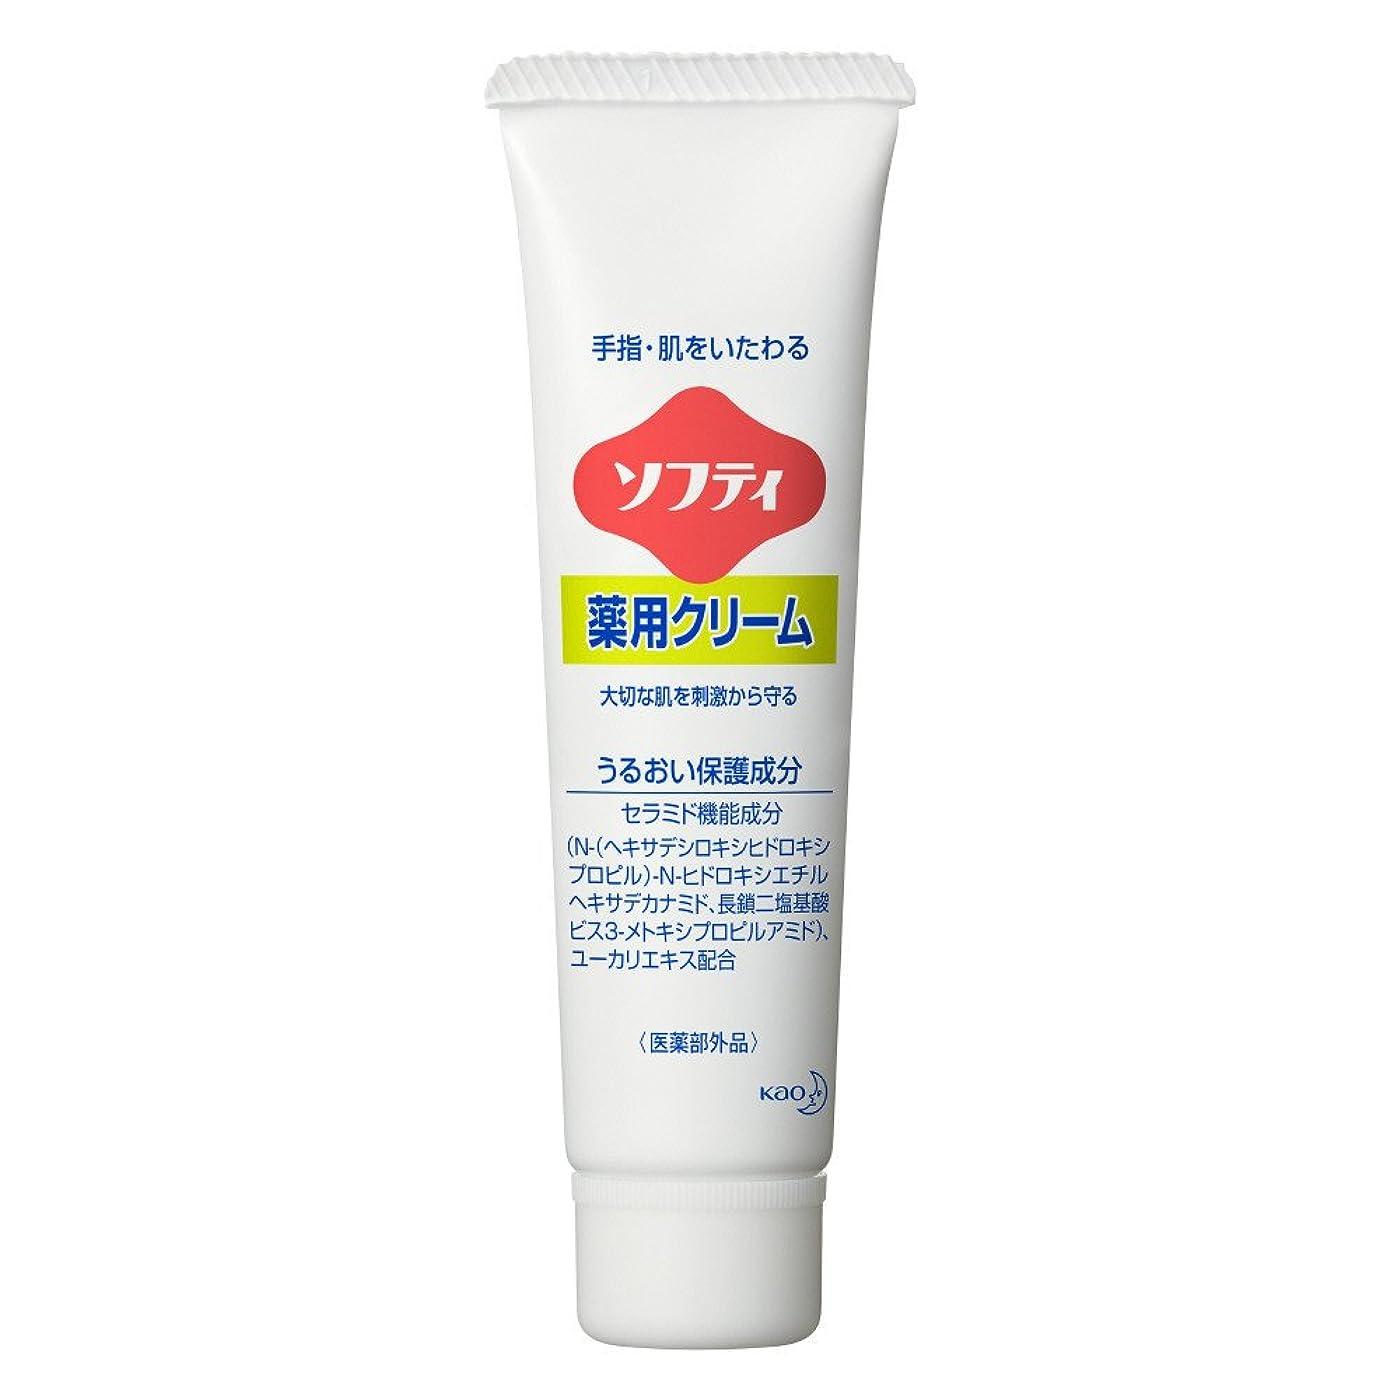 生息地夜シリアルソフティ 薬用クリーム 35g (花王プロフェッショナルシリーズ)